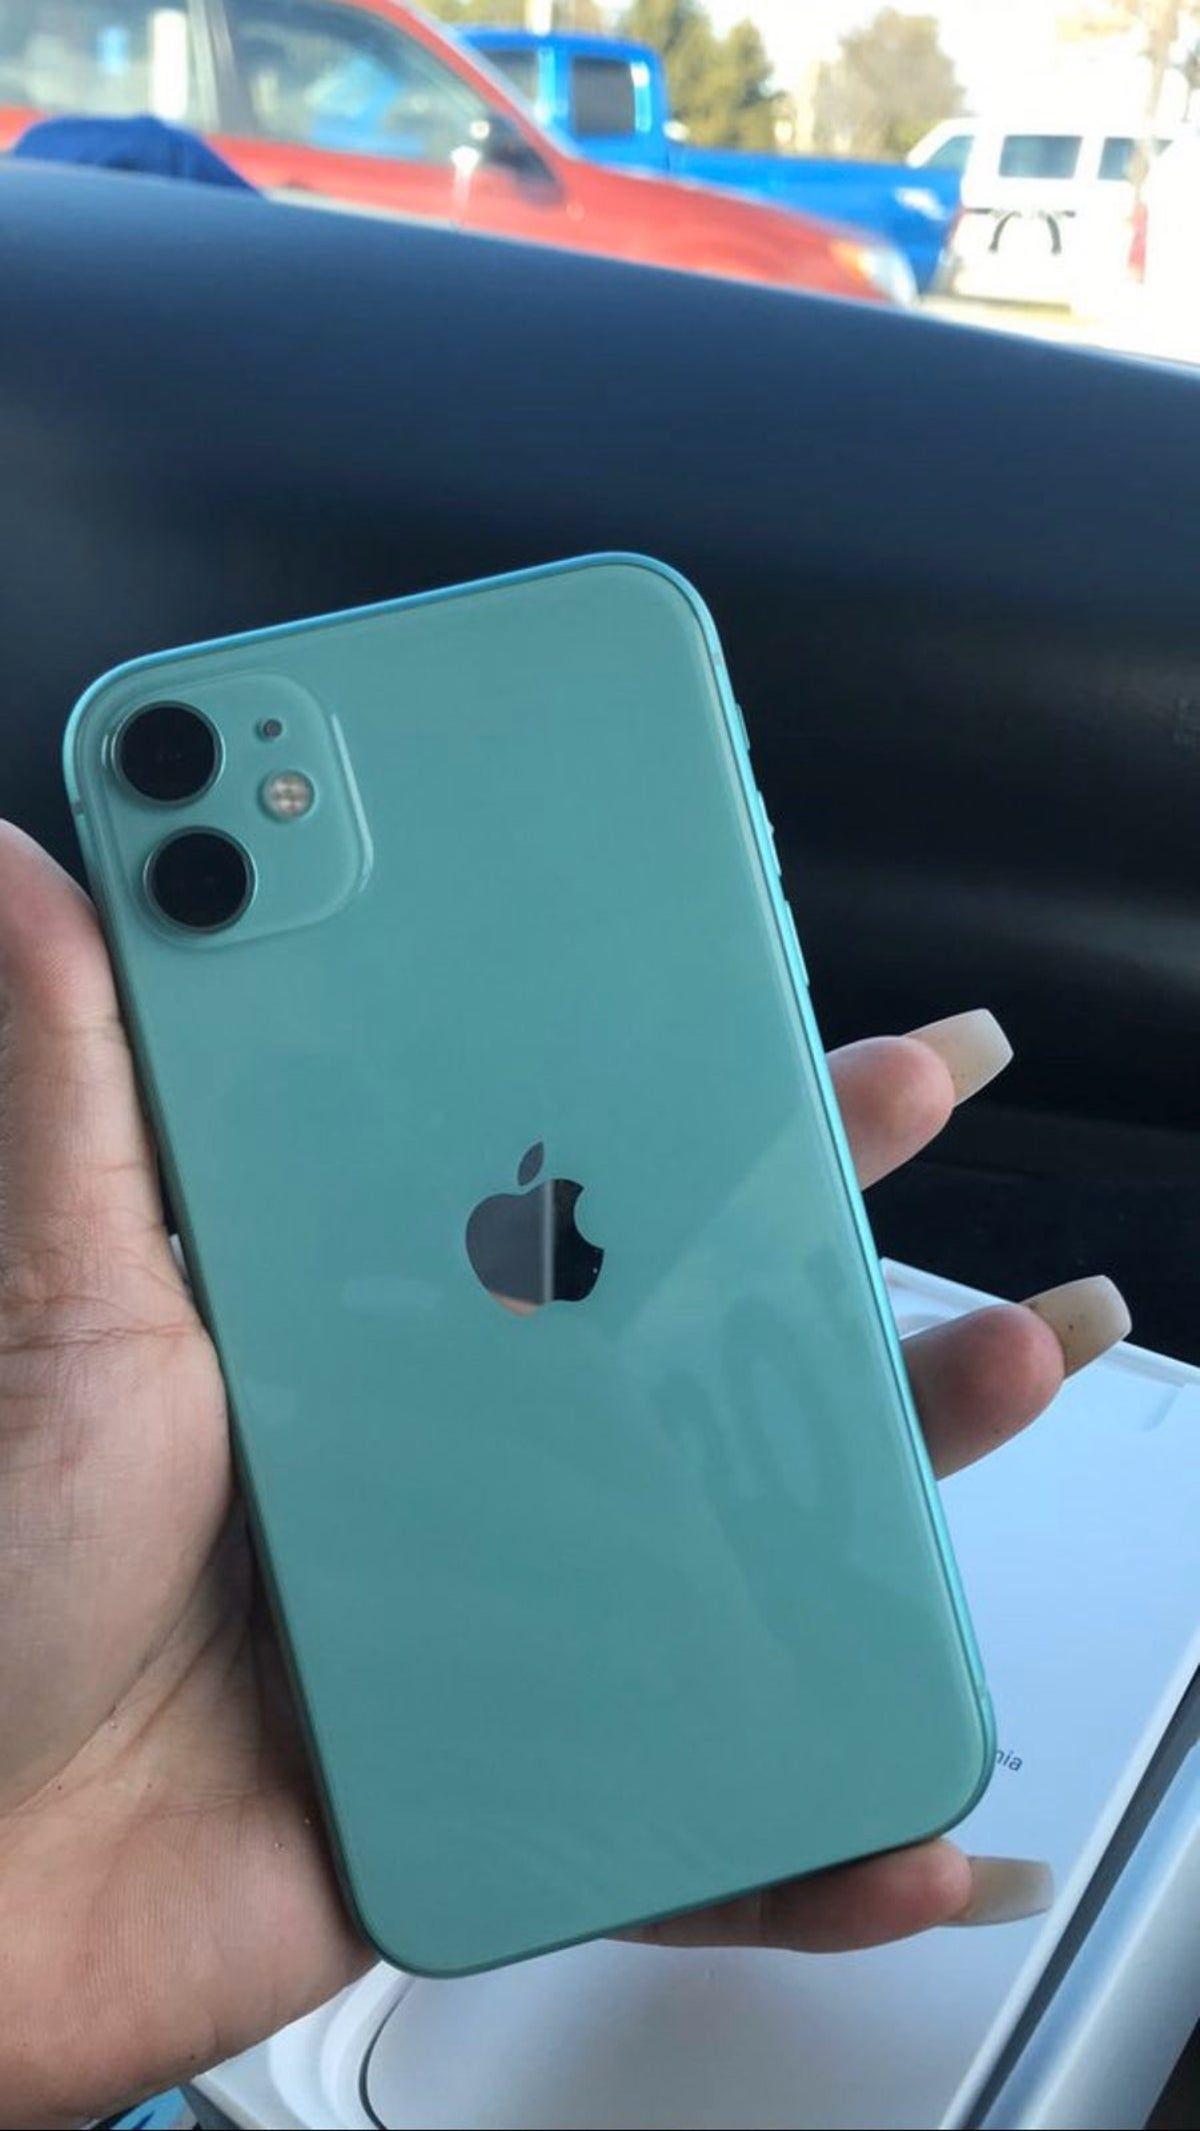 iPhone 11 Green 64 GB AT&T on Mercari